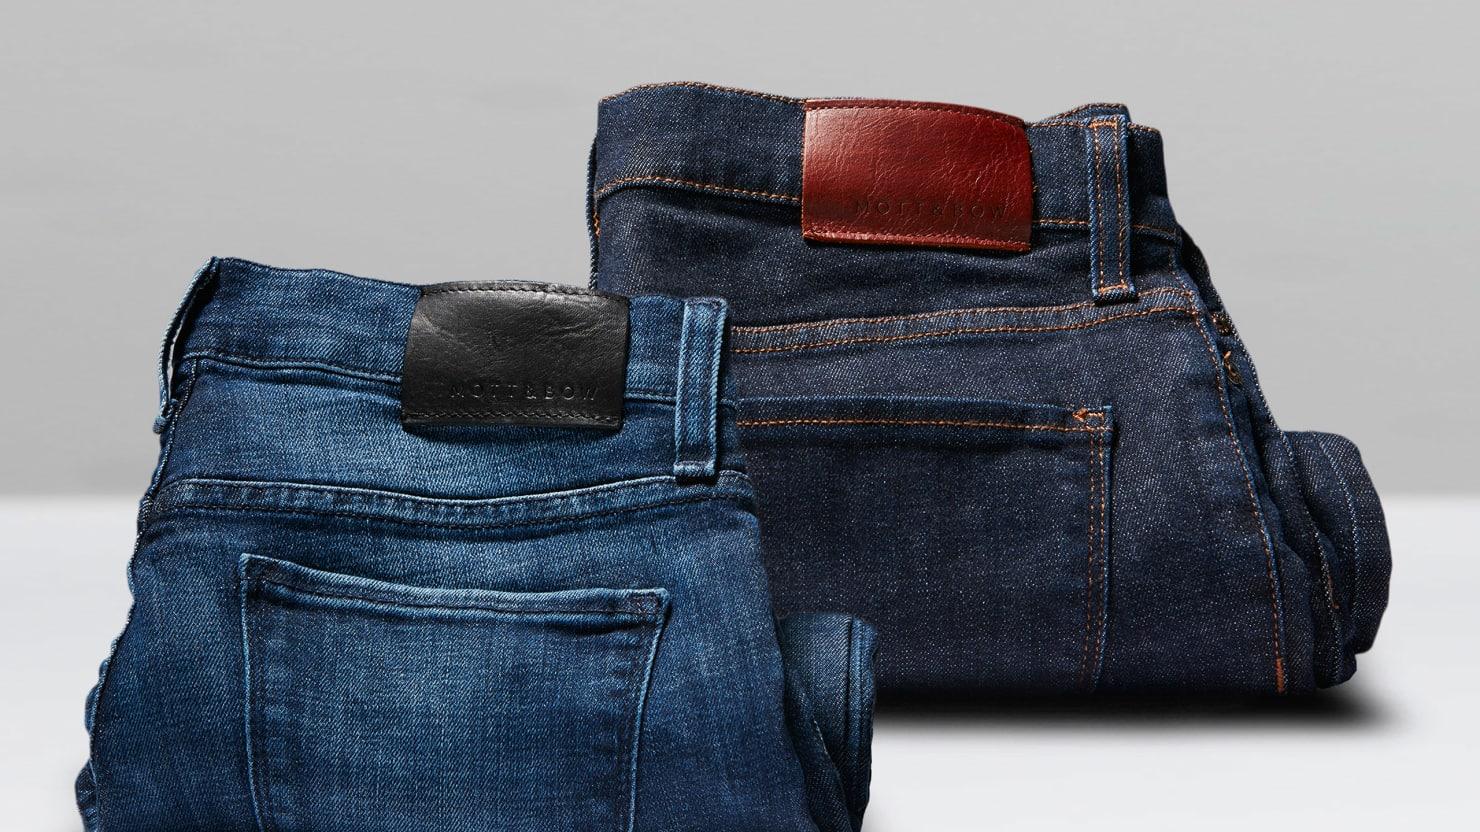 Mott & Bow Jeans